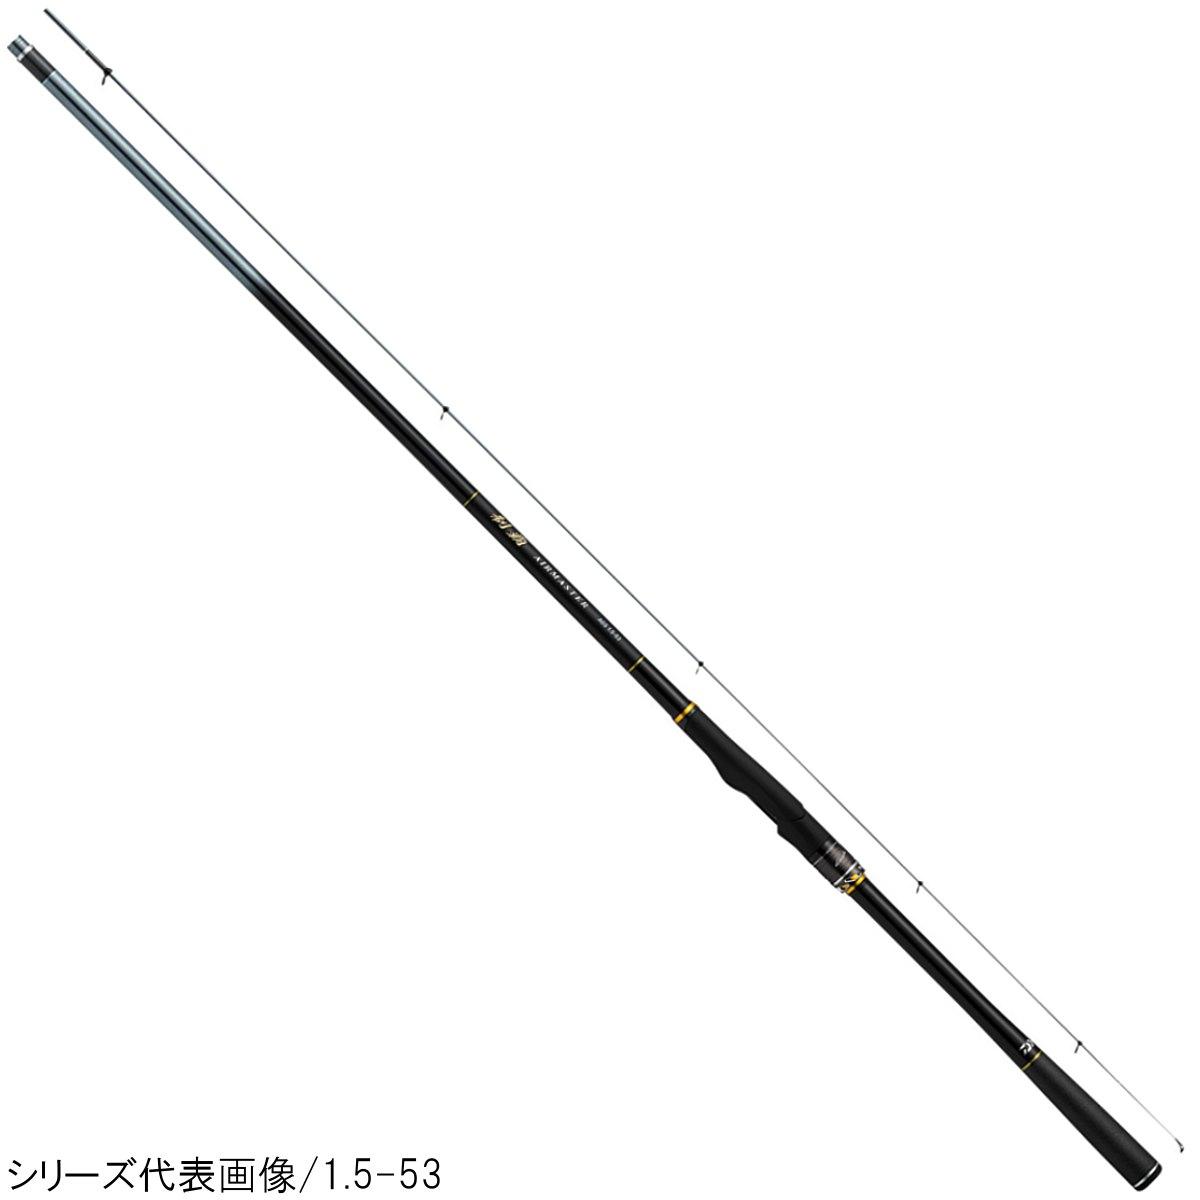 制覇エアマスター AGS 1.25-53 ダイワ【同梱不可】